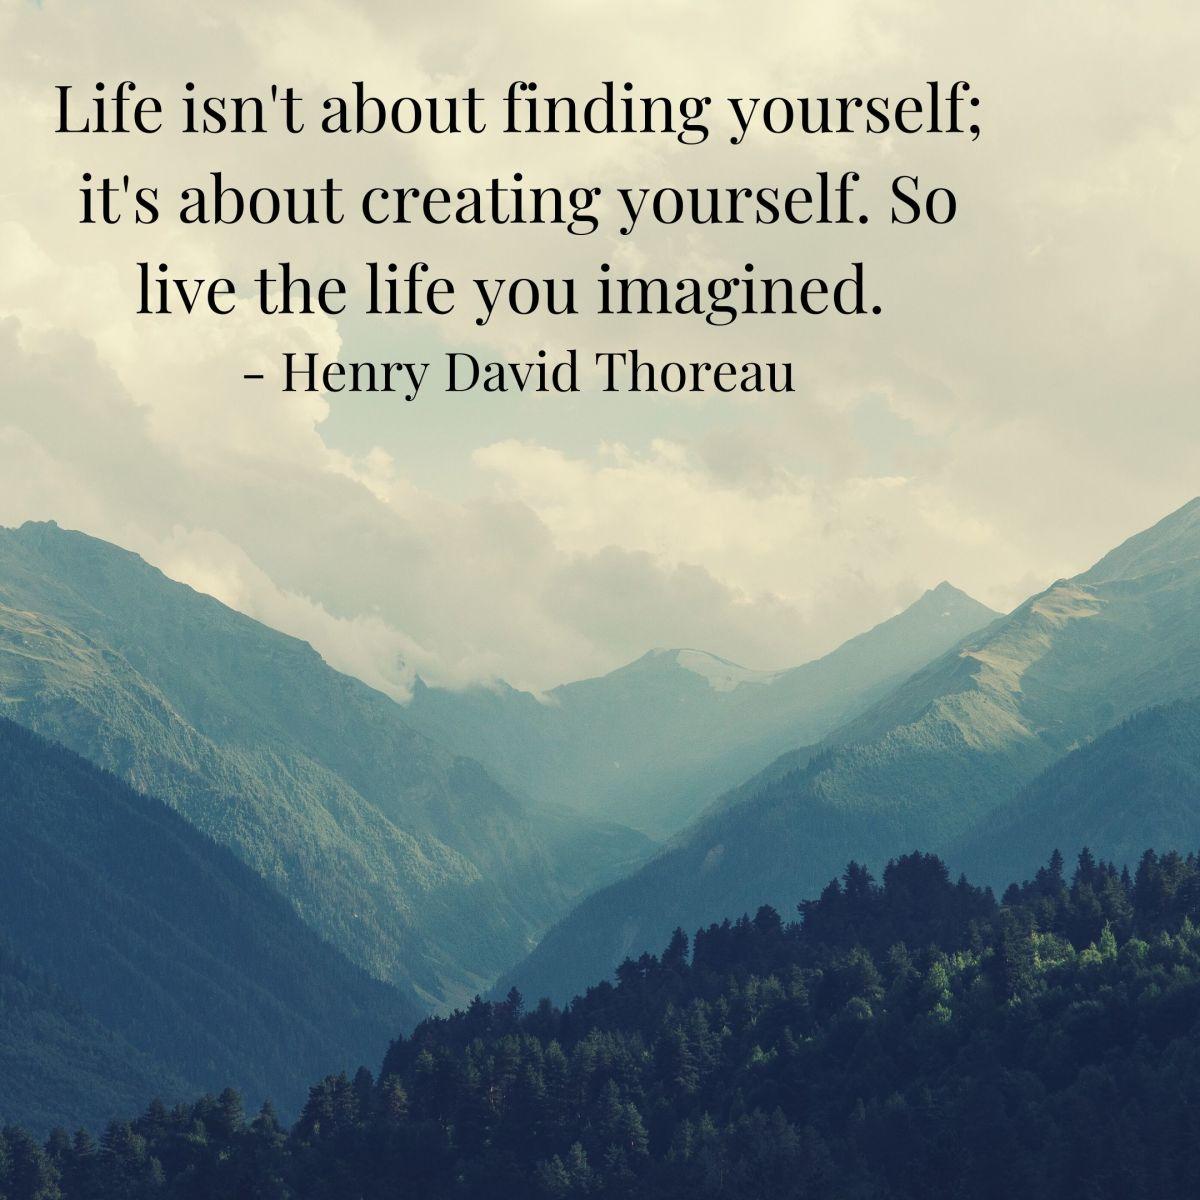 A Uranus-inspired quote.